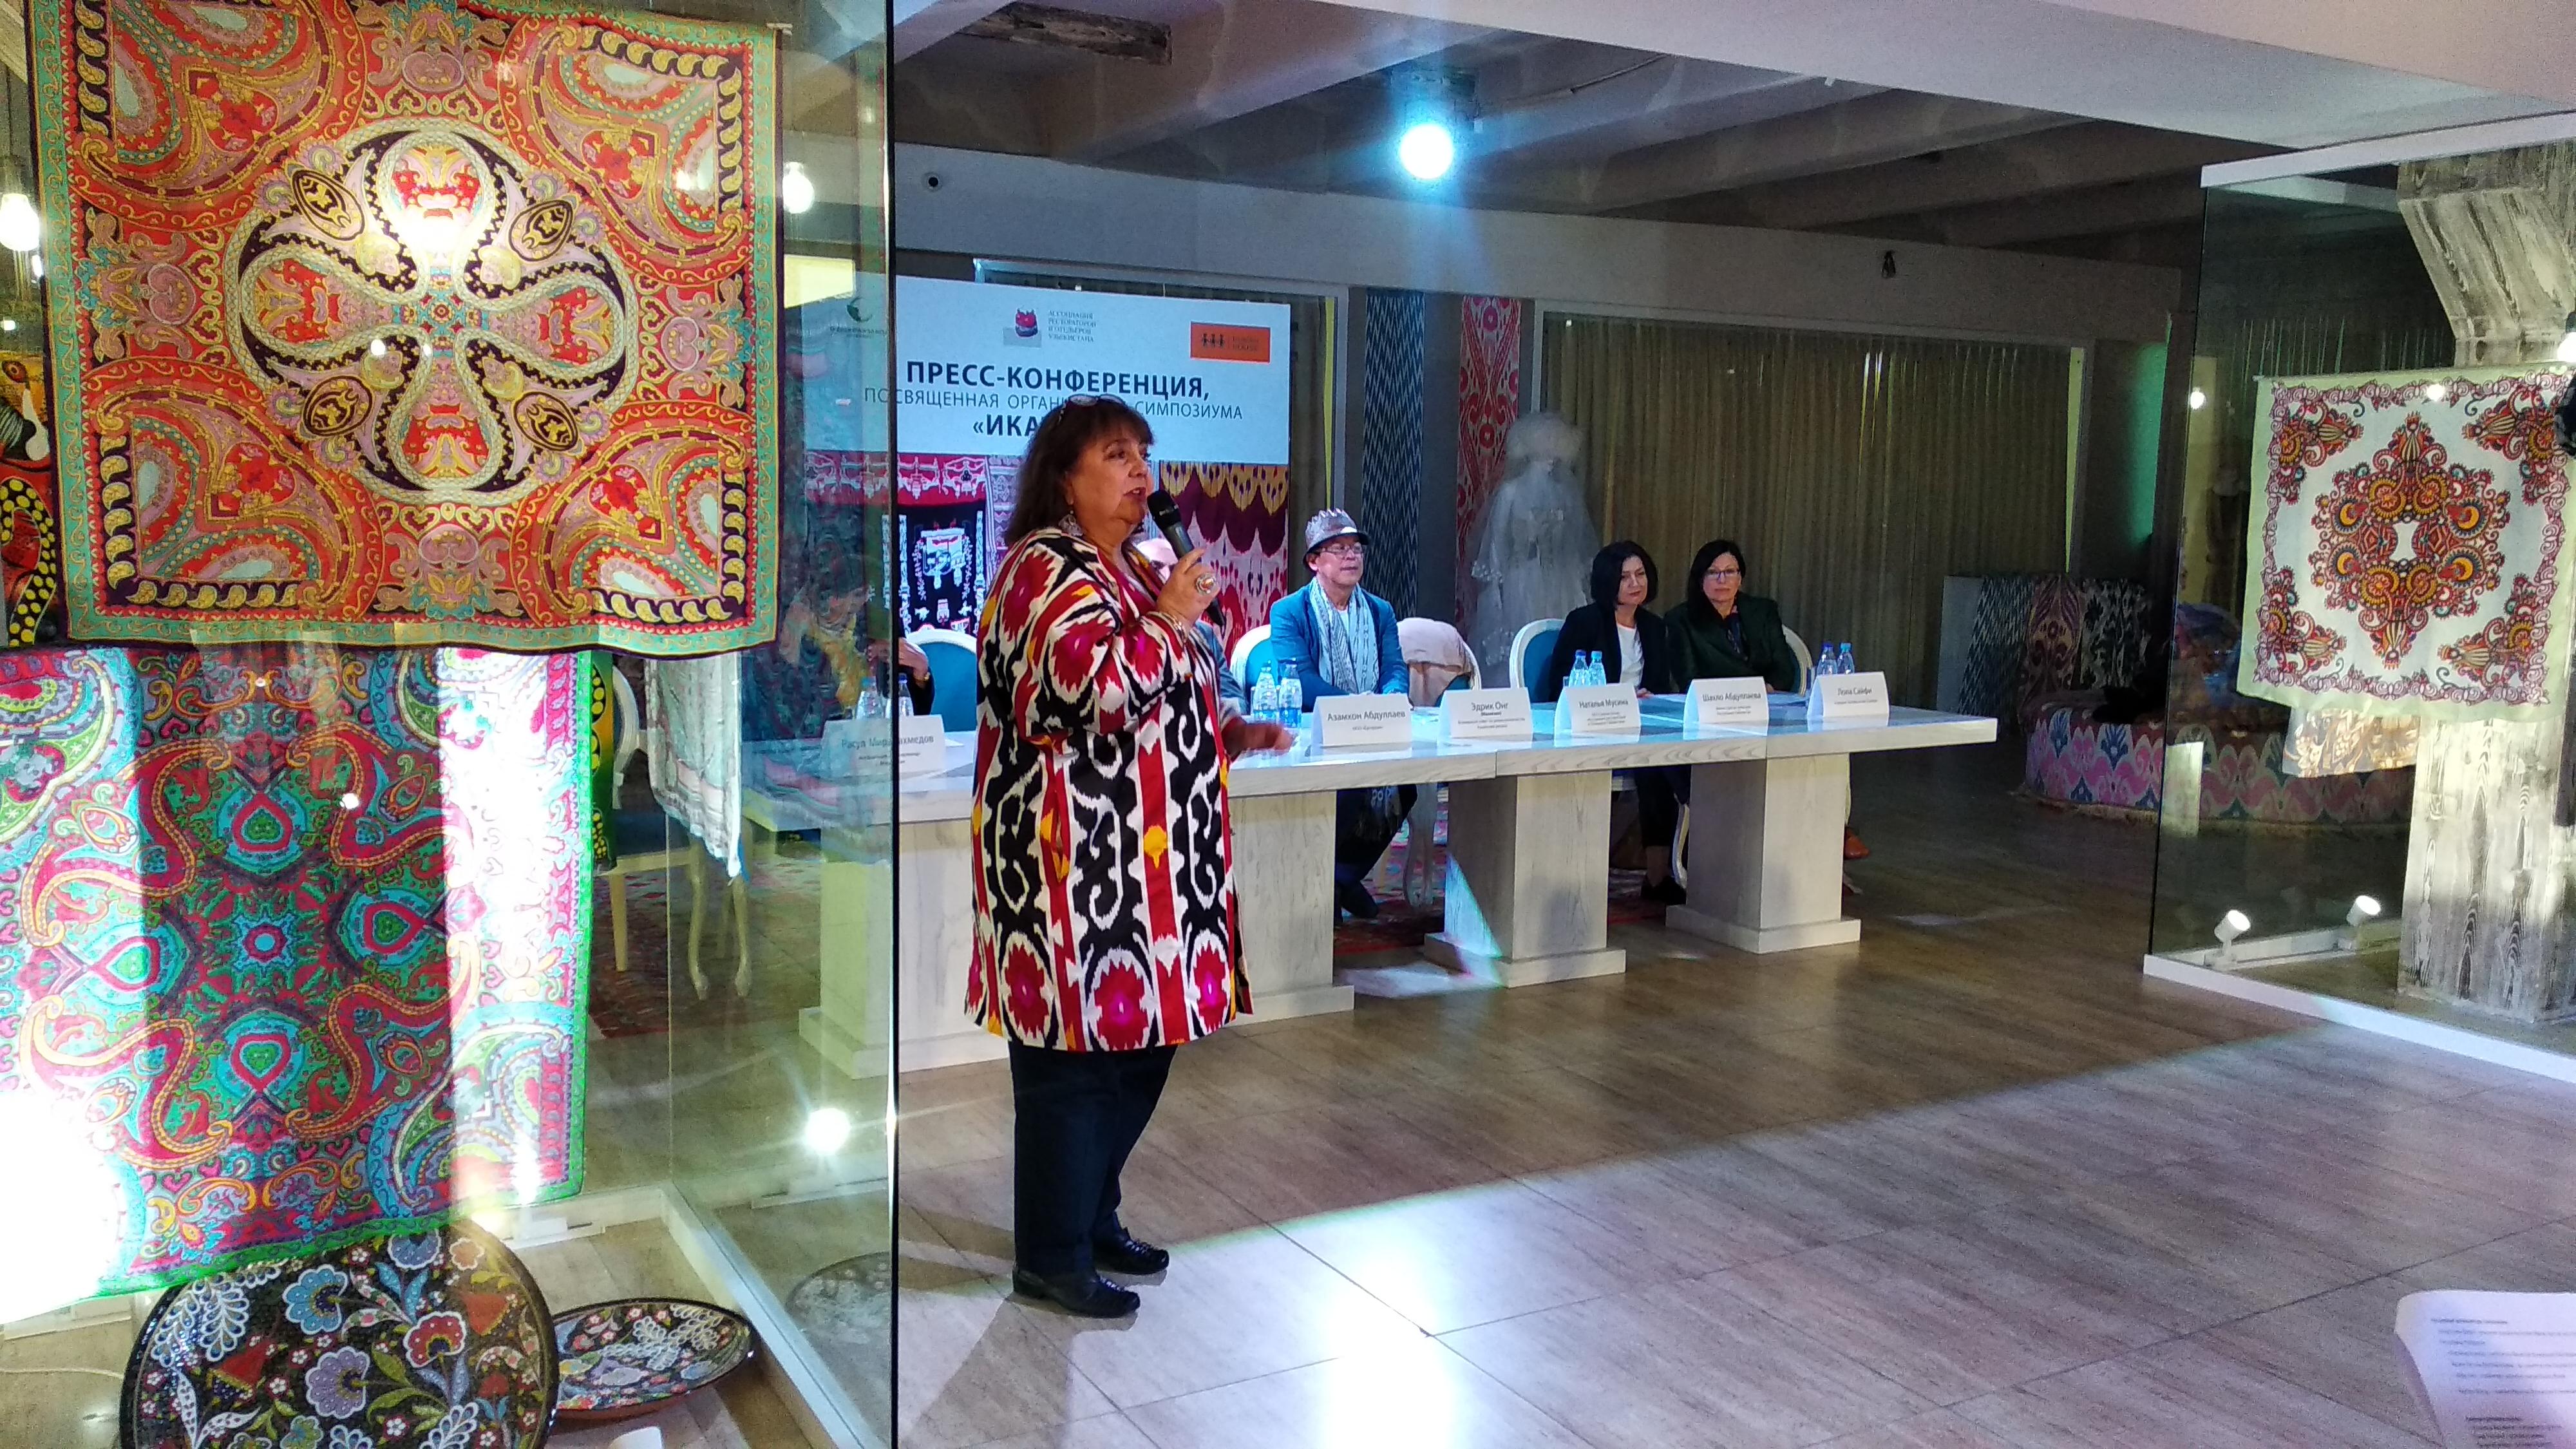 В Ташкенте состоится IV Международный симпозиум по икату